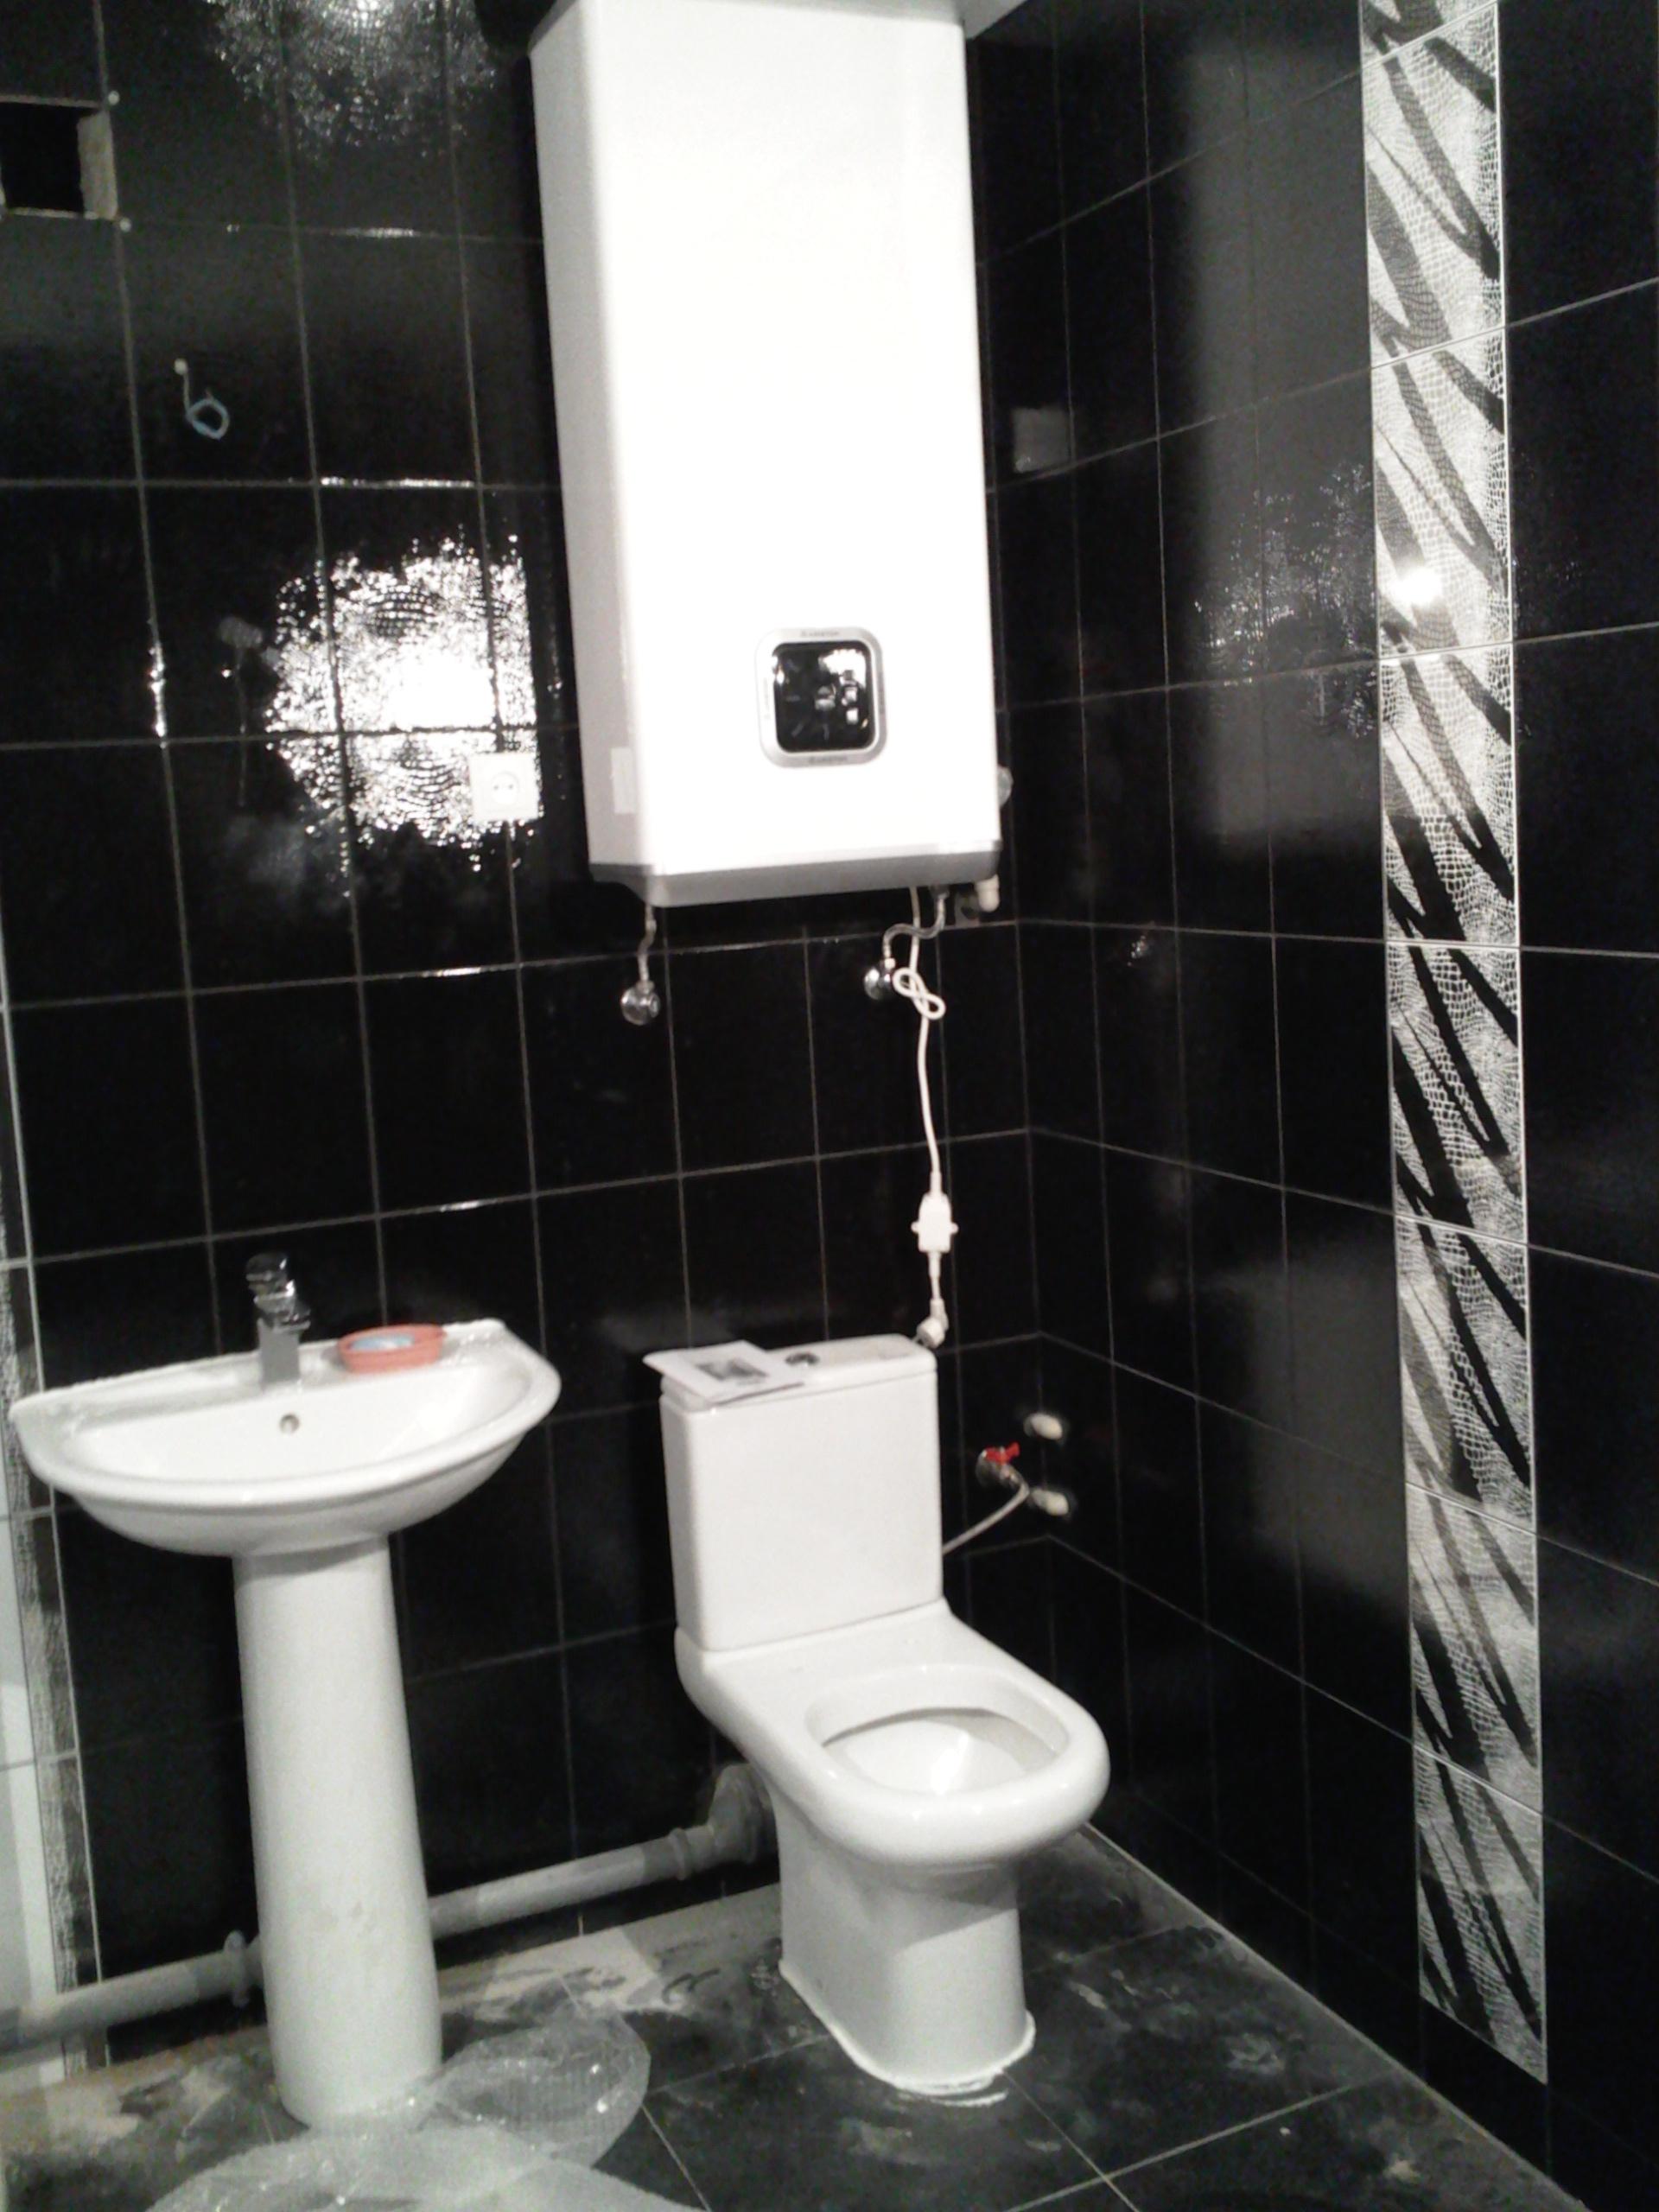 Фото Монтаж бойлера унитаза умывальника водопровода и канализации с укладкой труб в стены